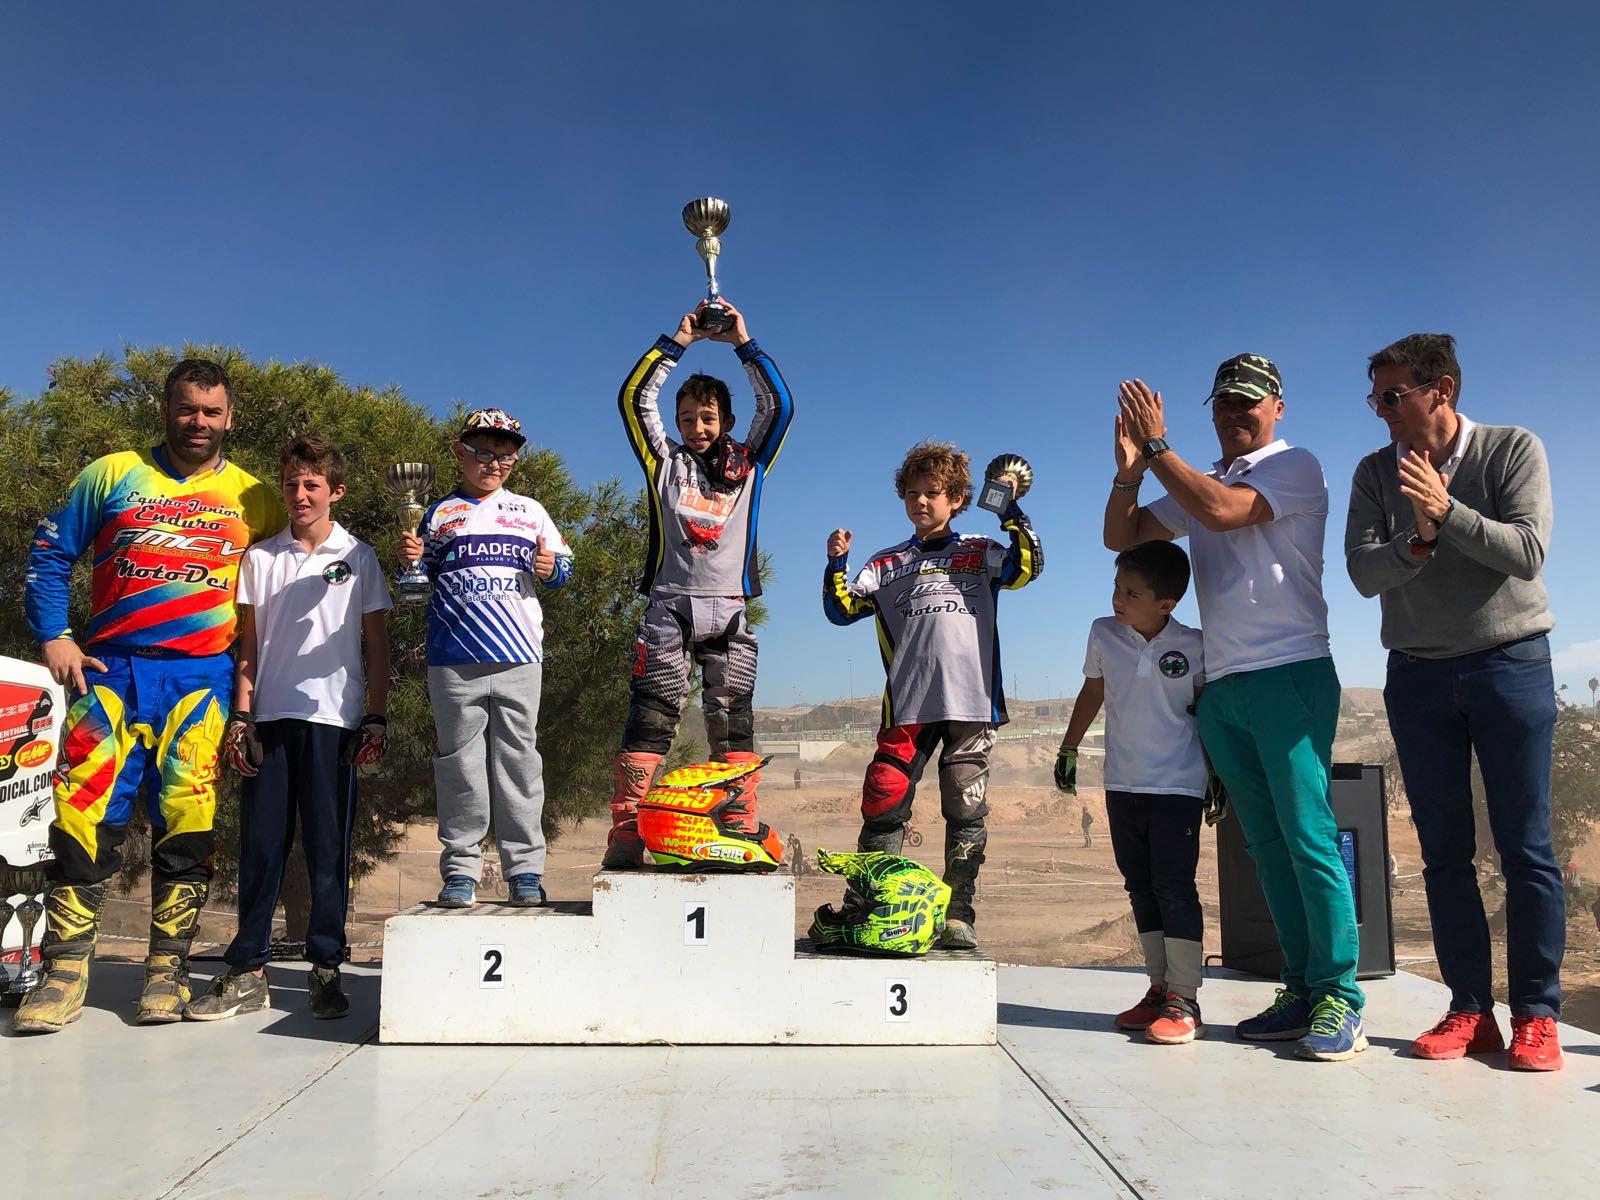 El joven piloto Vicente, Vin, ha vuelto a subir a lo más alto del podio. Foto: Elio Zanón.